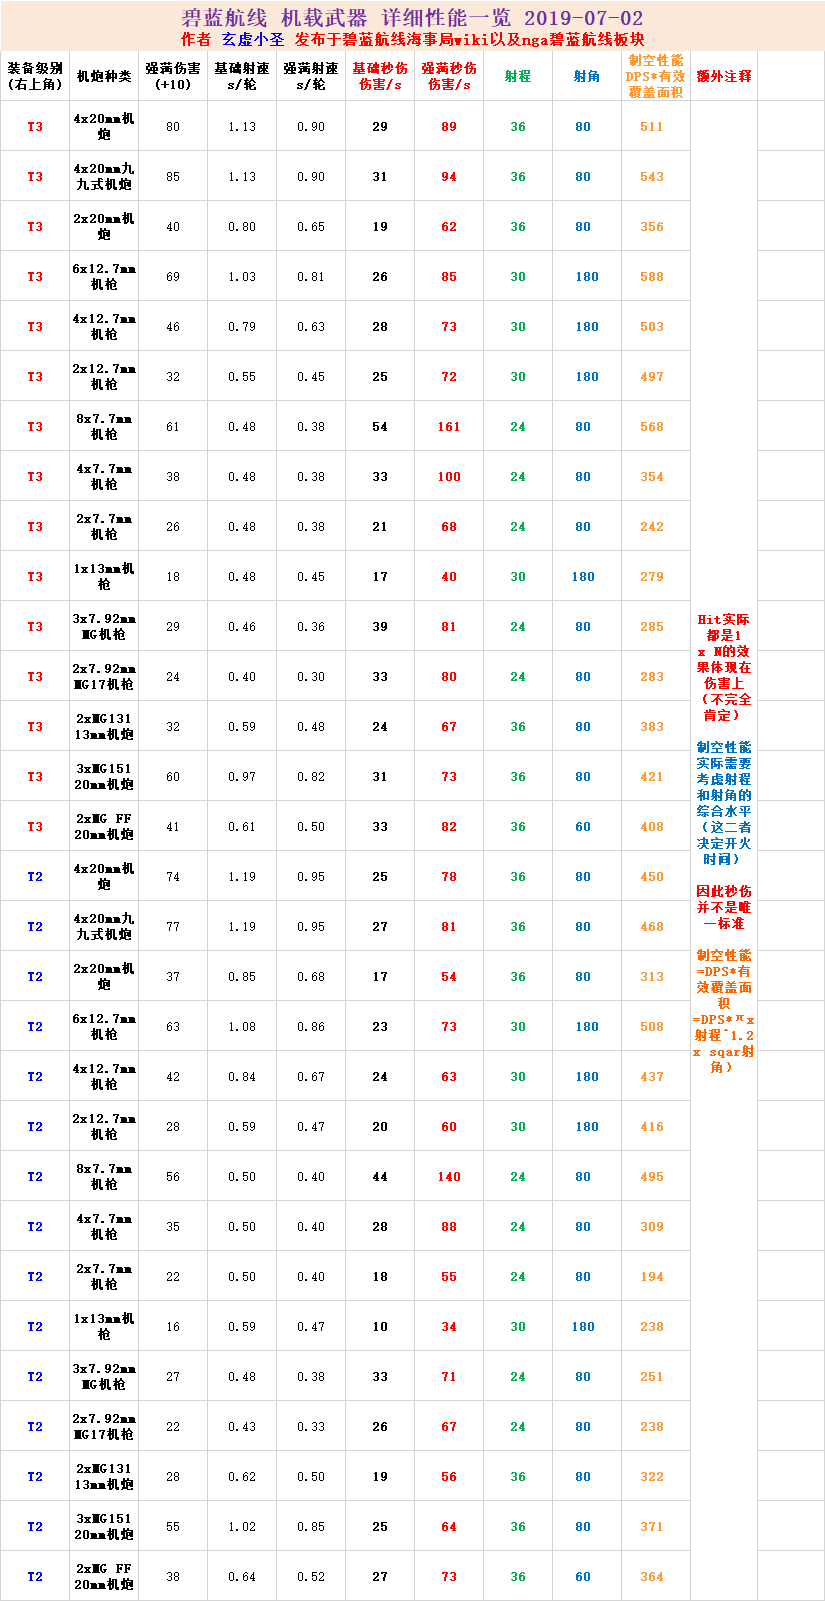 机炮航弹.png